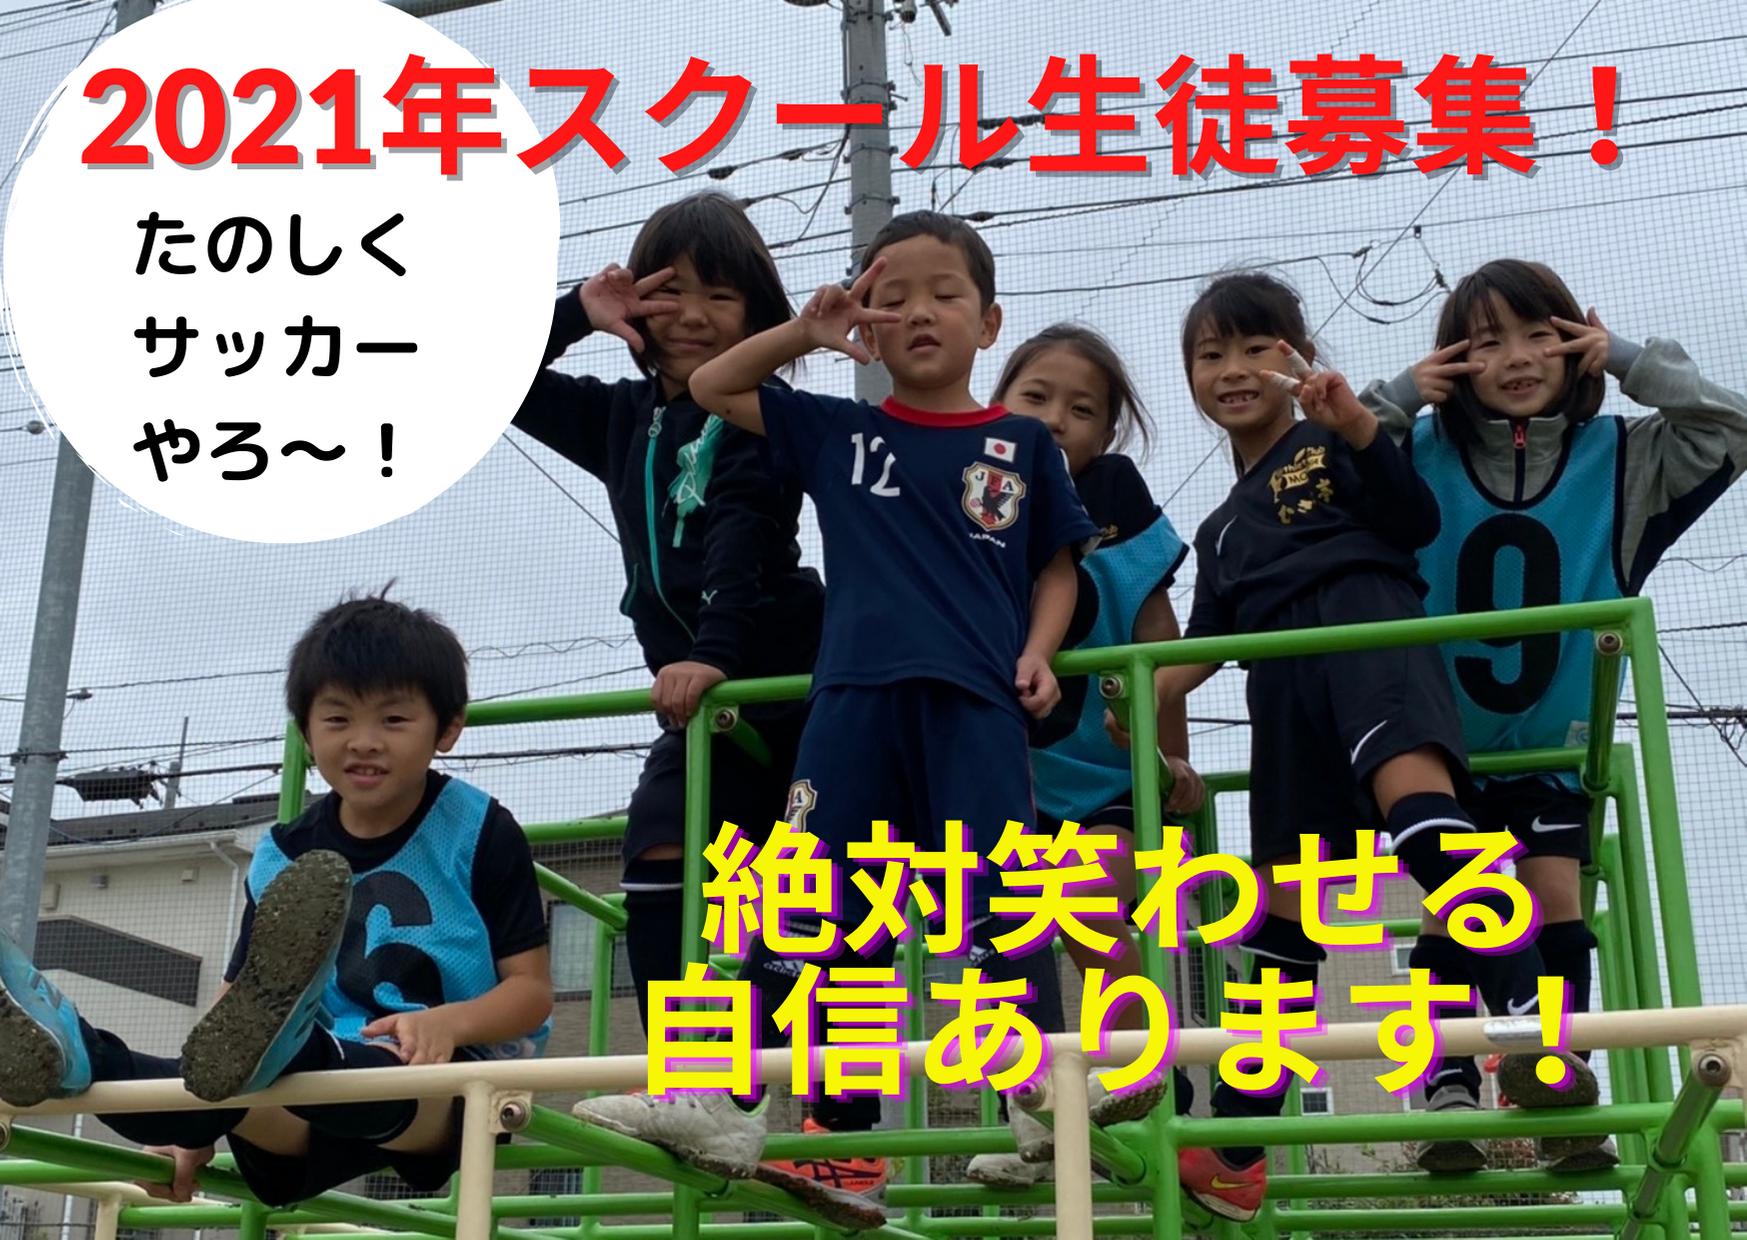 2021年サッカースクール生徒募集!